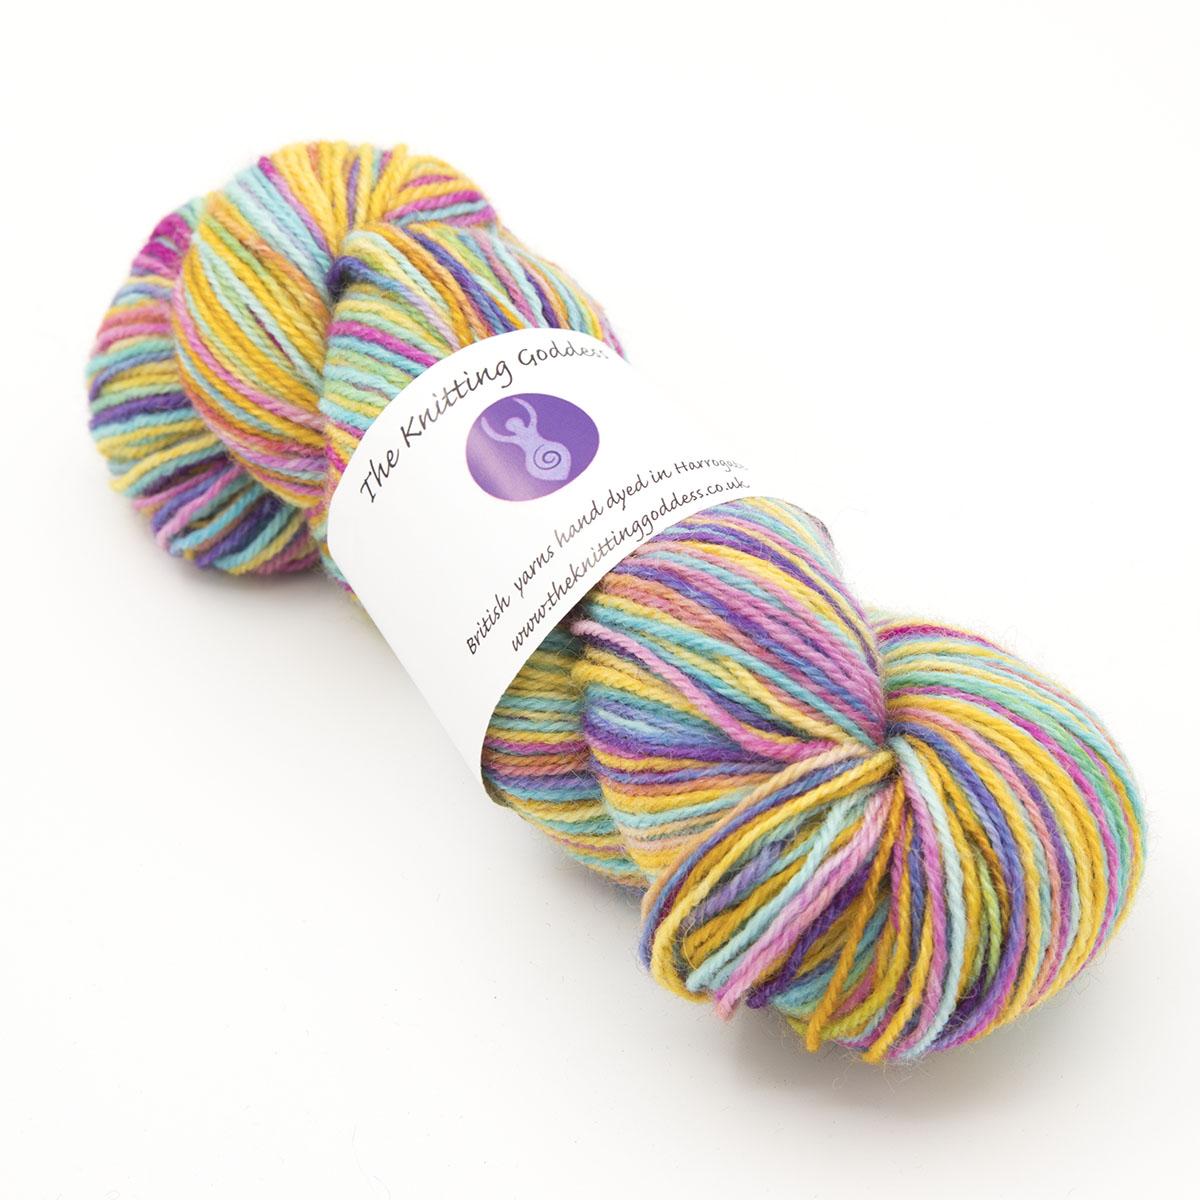 Ultimate Rainbow Britsock variegated skein of yarn